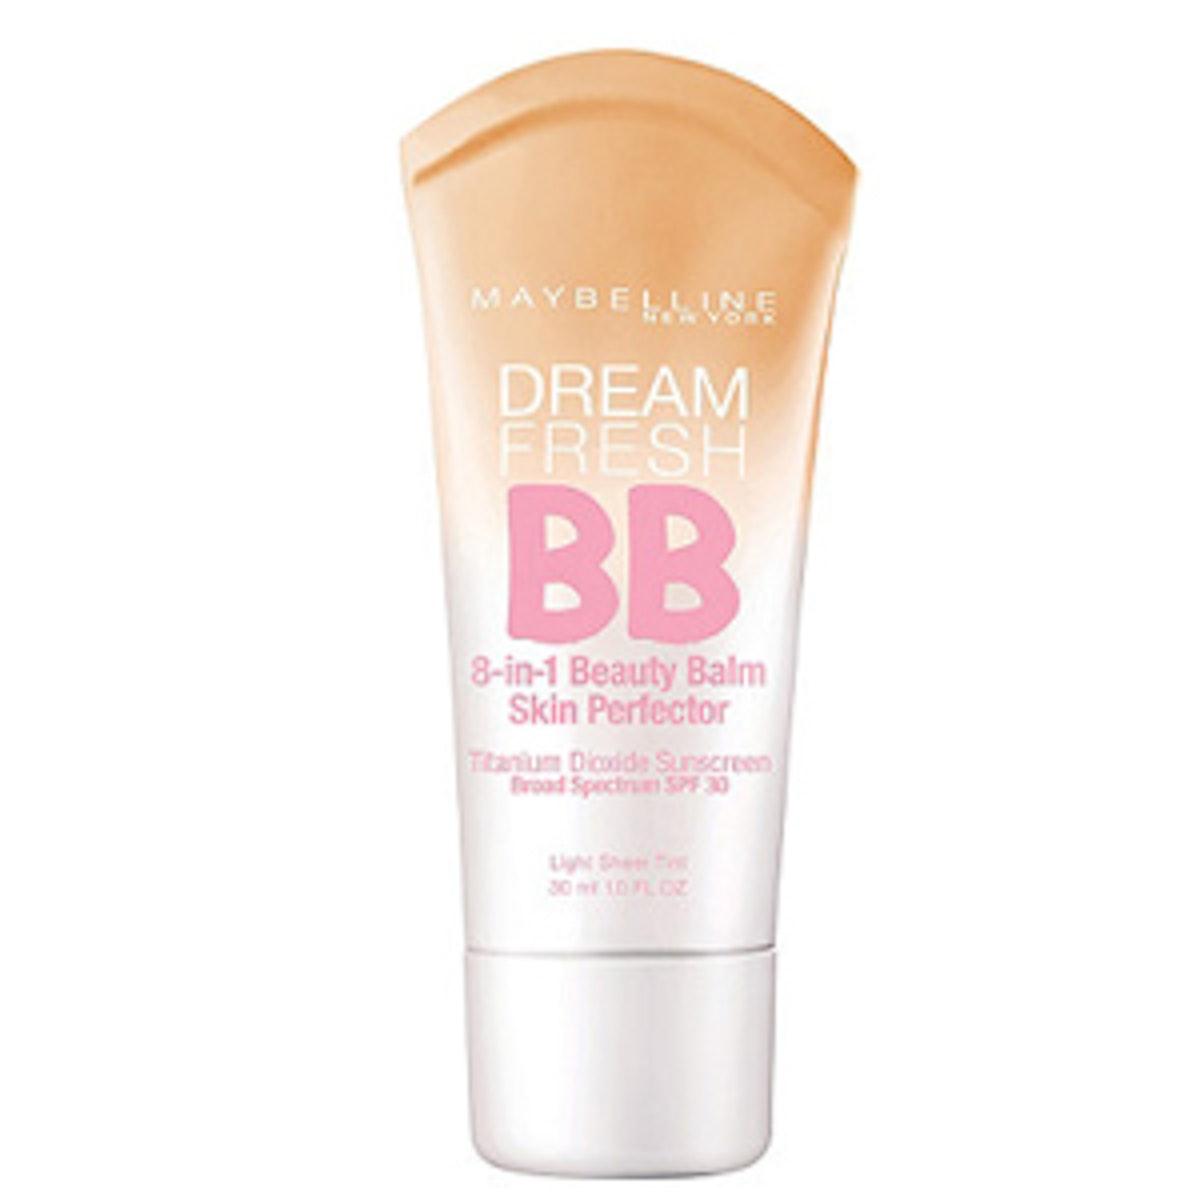 Dream Fresh BB Tinted Foundation